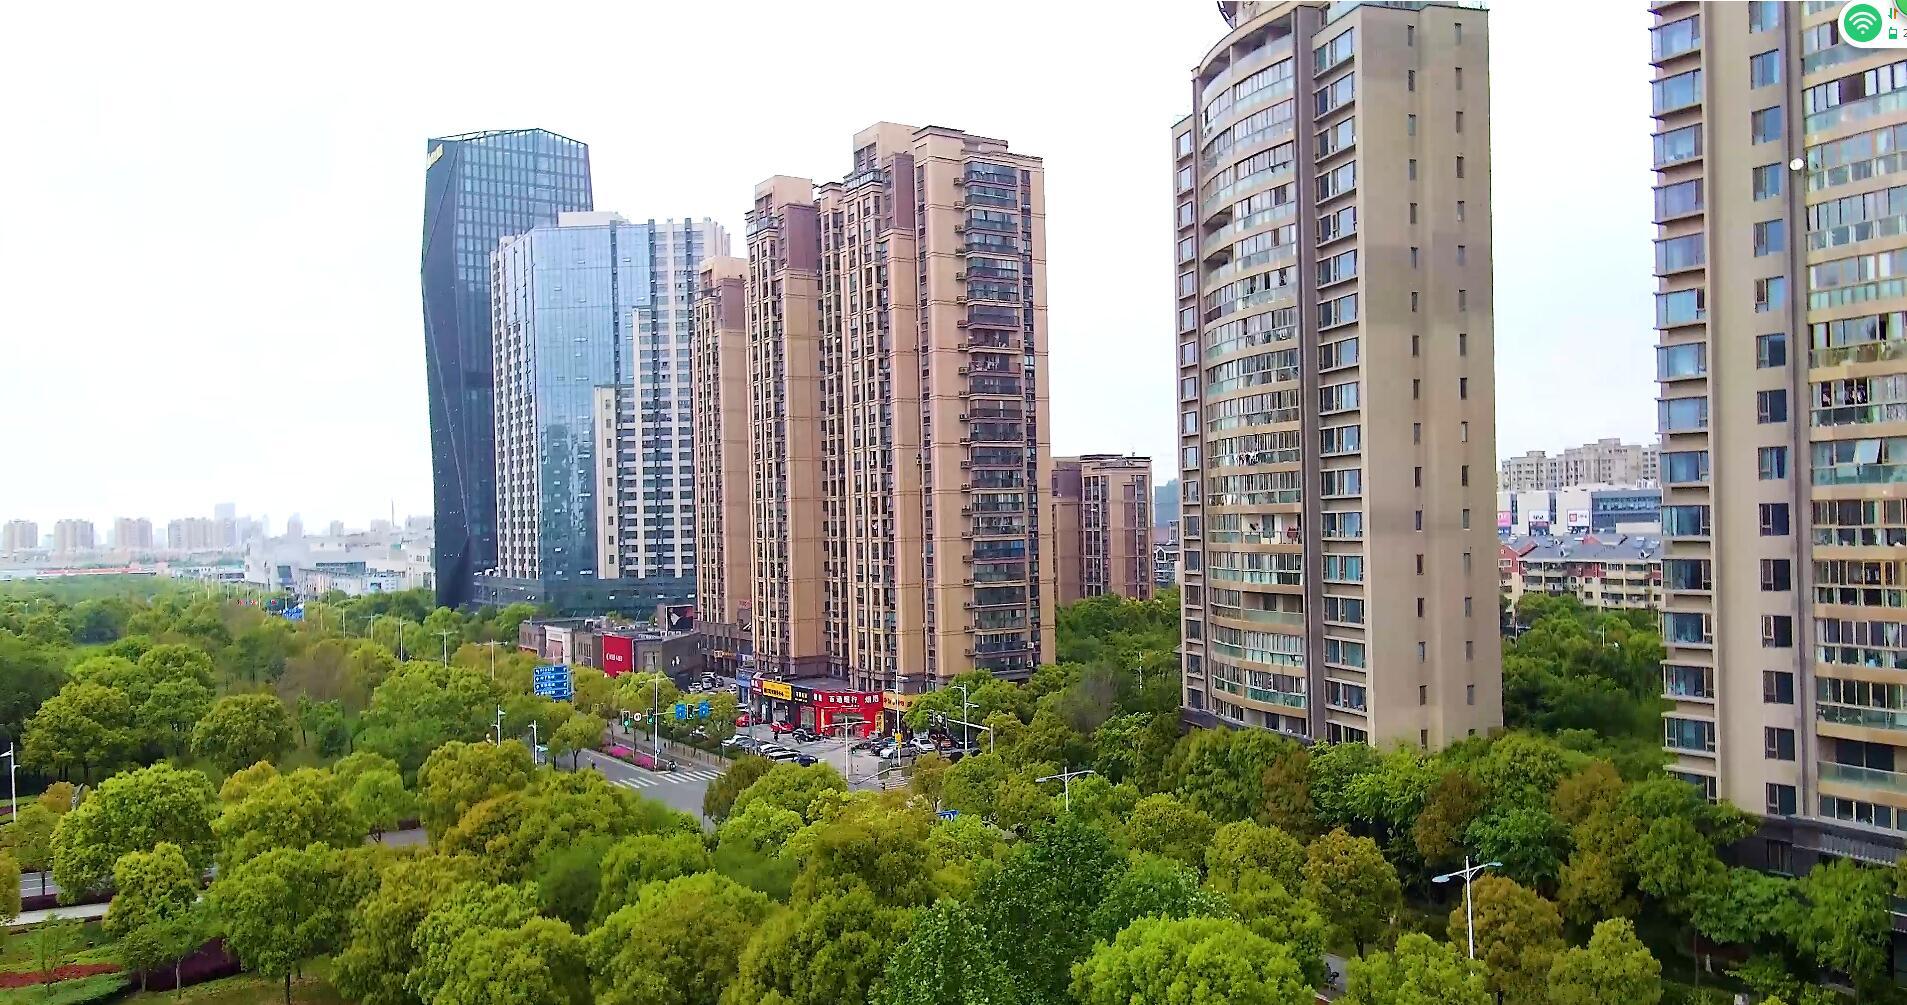 城市小区高楼林立的住宅建筑群商品房